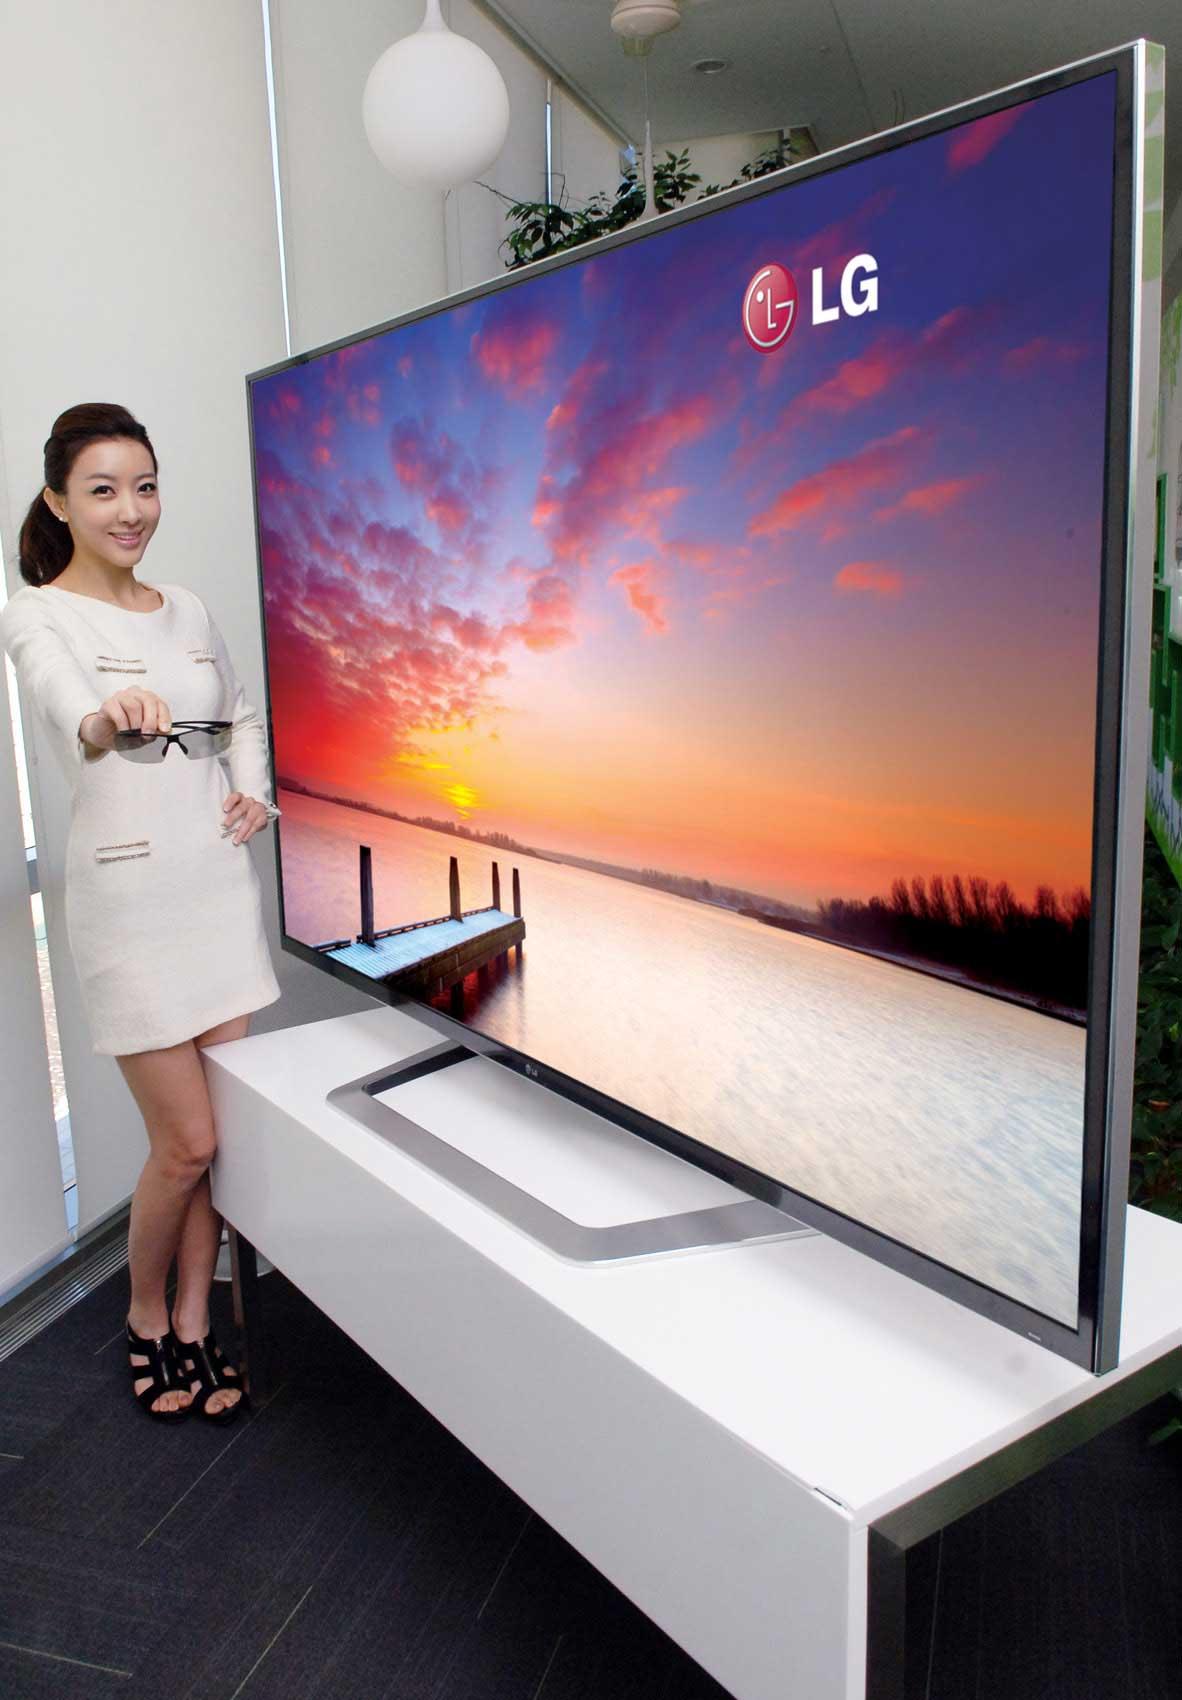 LG-will-einen-84-Zoll-3D-UD-Fernseher-auf-der-CES-in-Las-Vegas-vorstellen-2